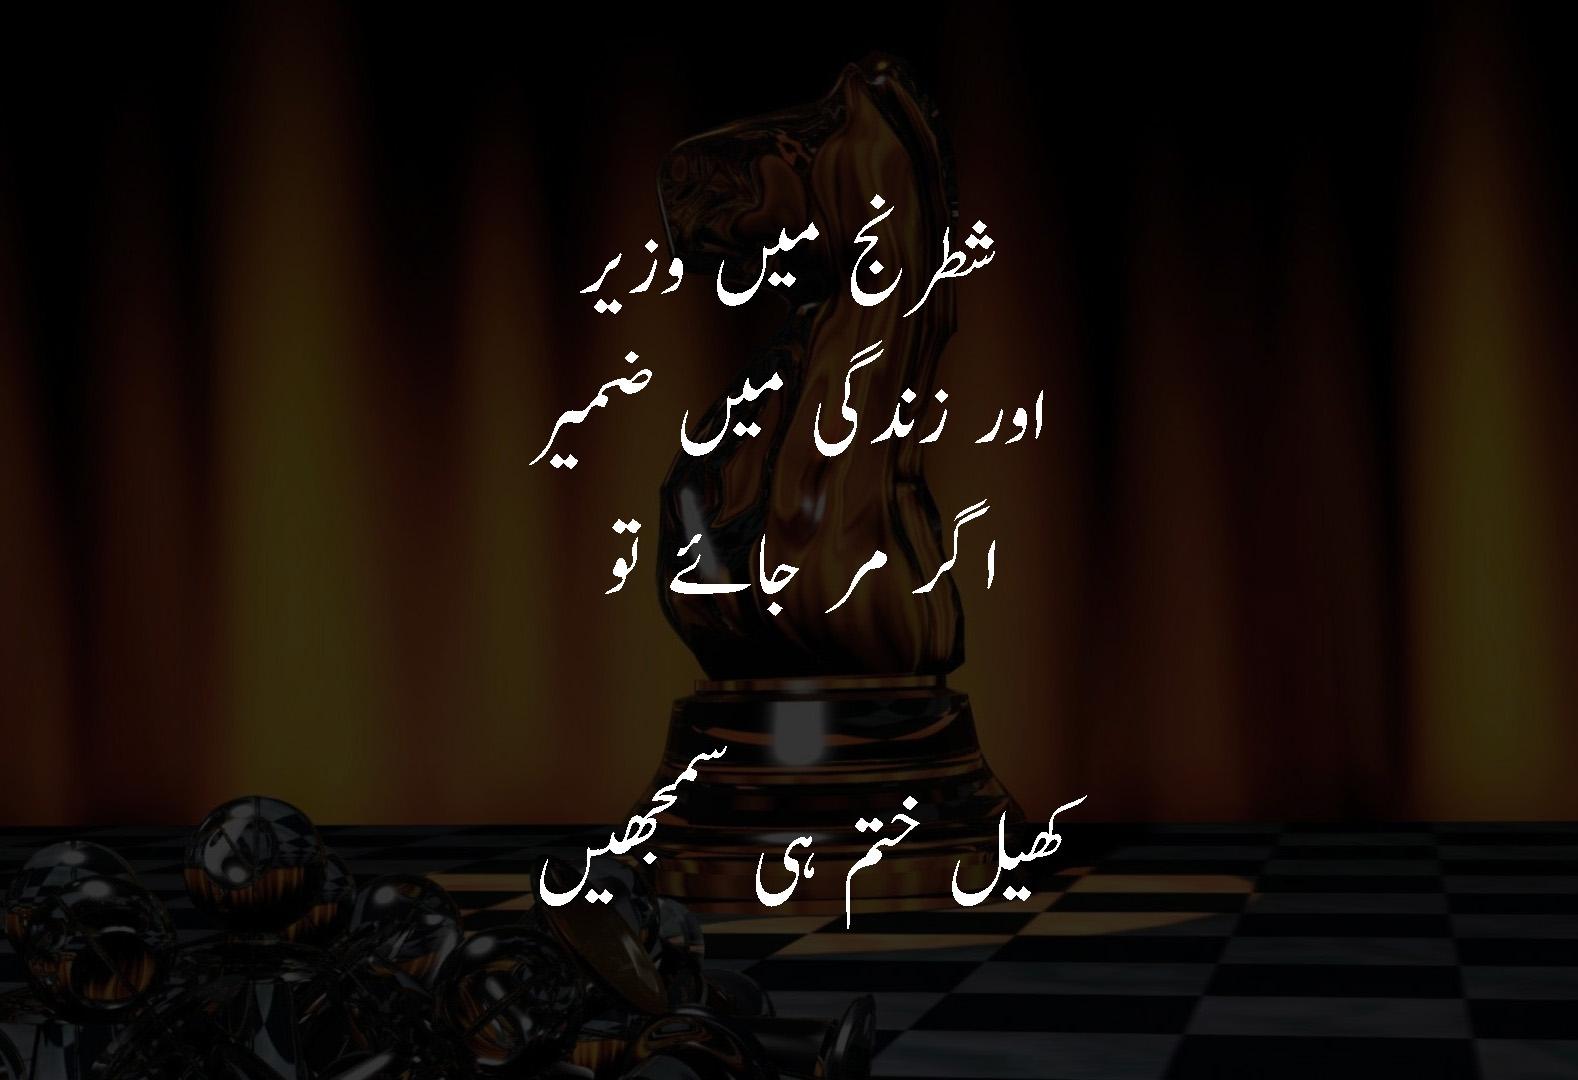 Original Sad Zindagi Quotes In Urdu Fb Photos - life quotes